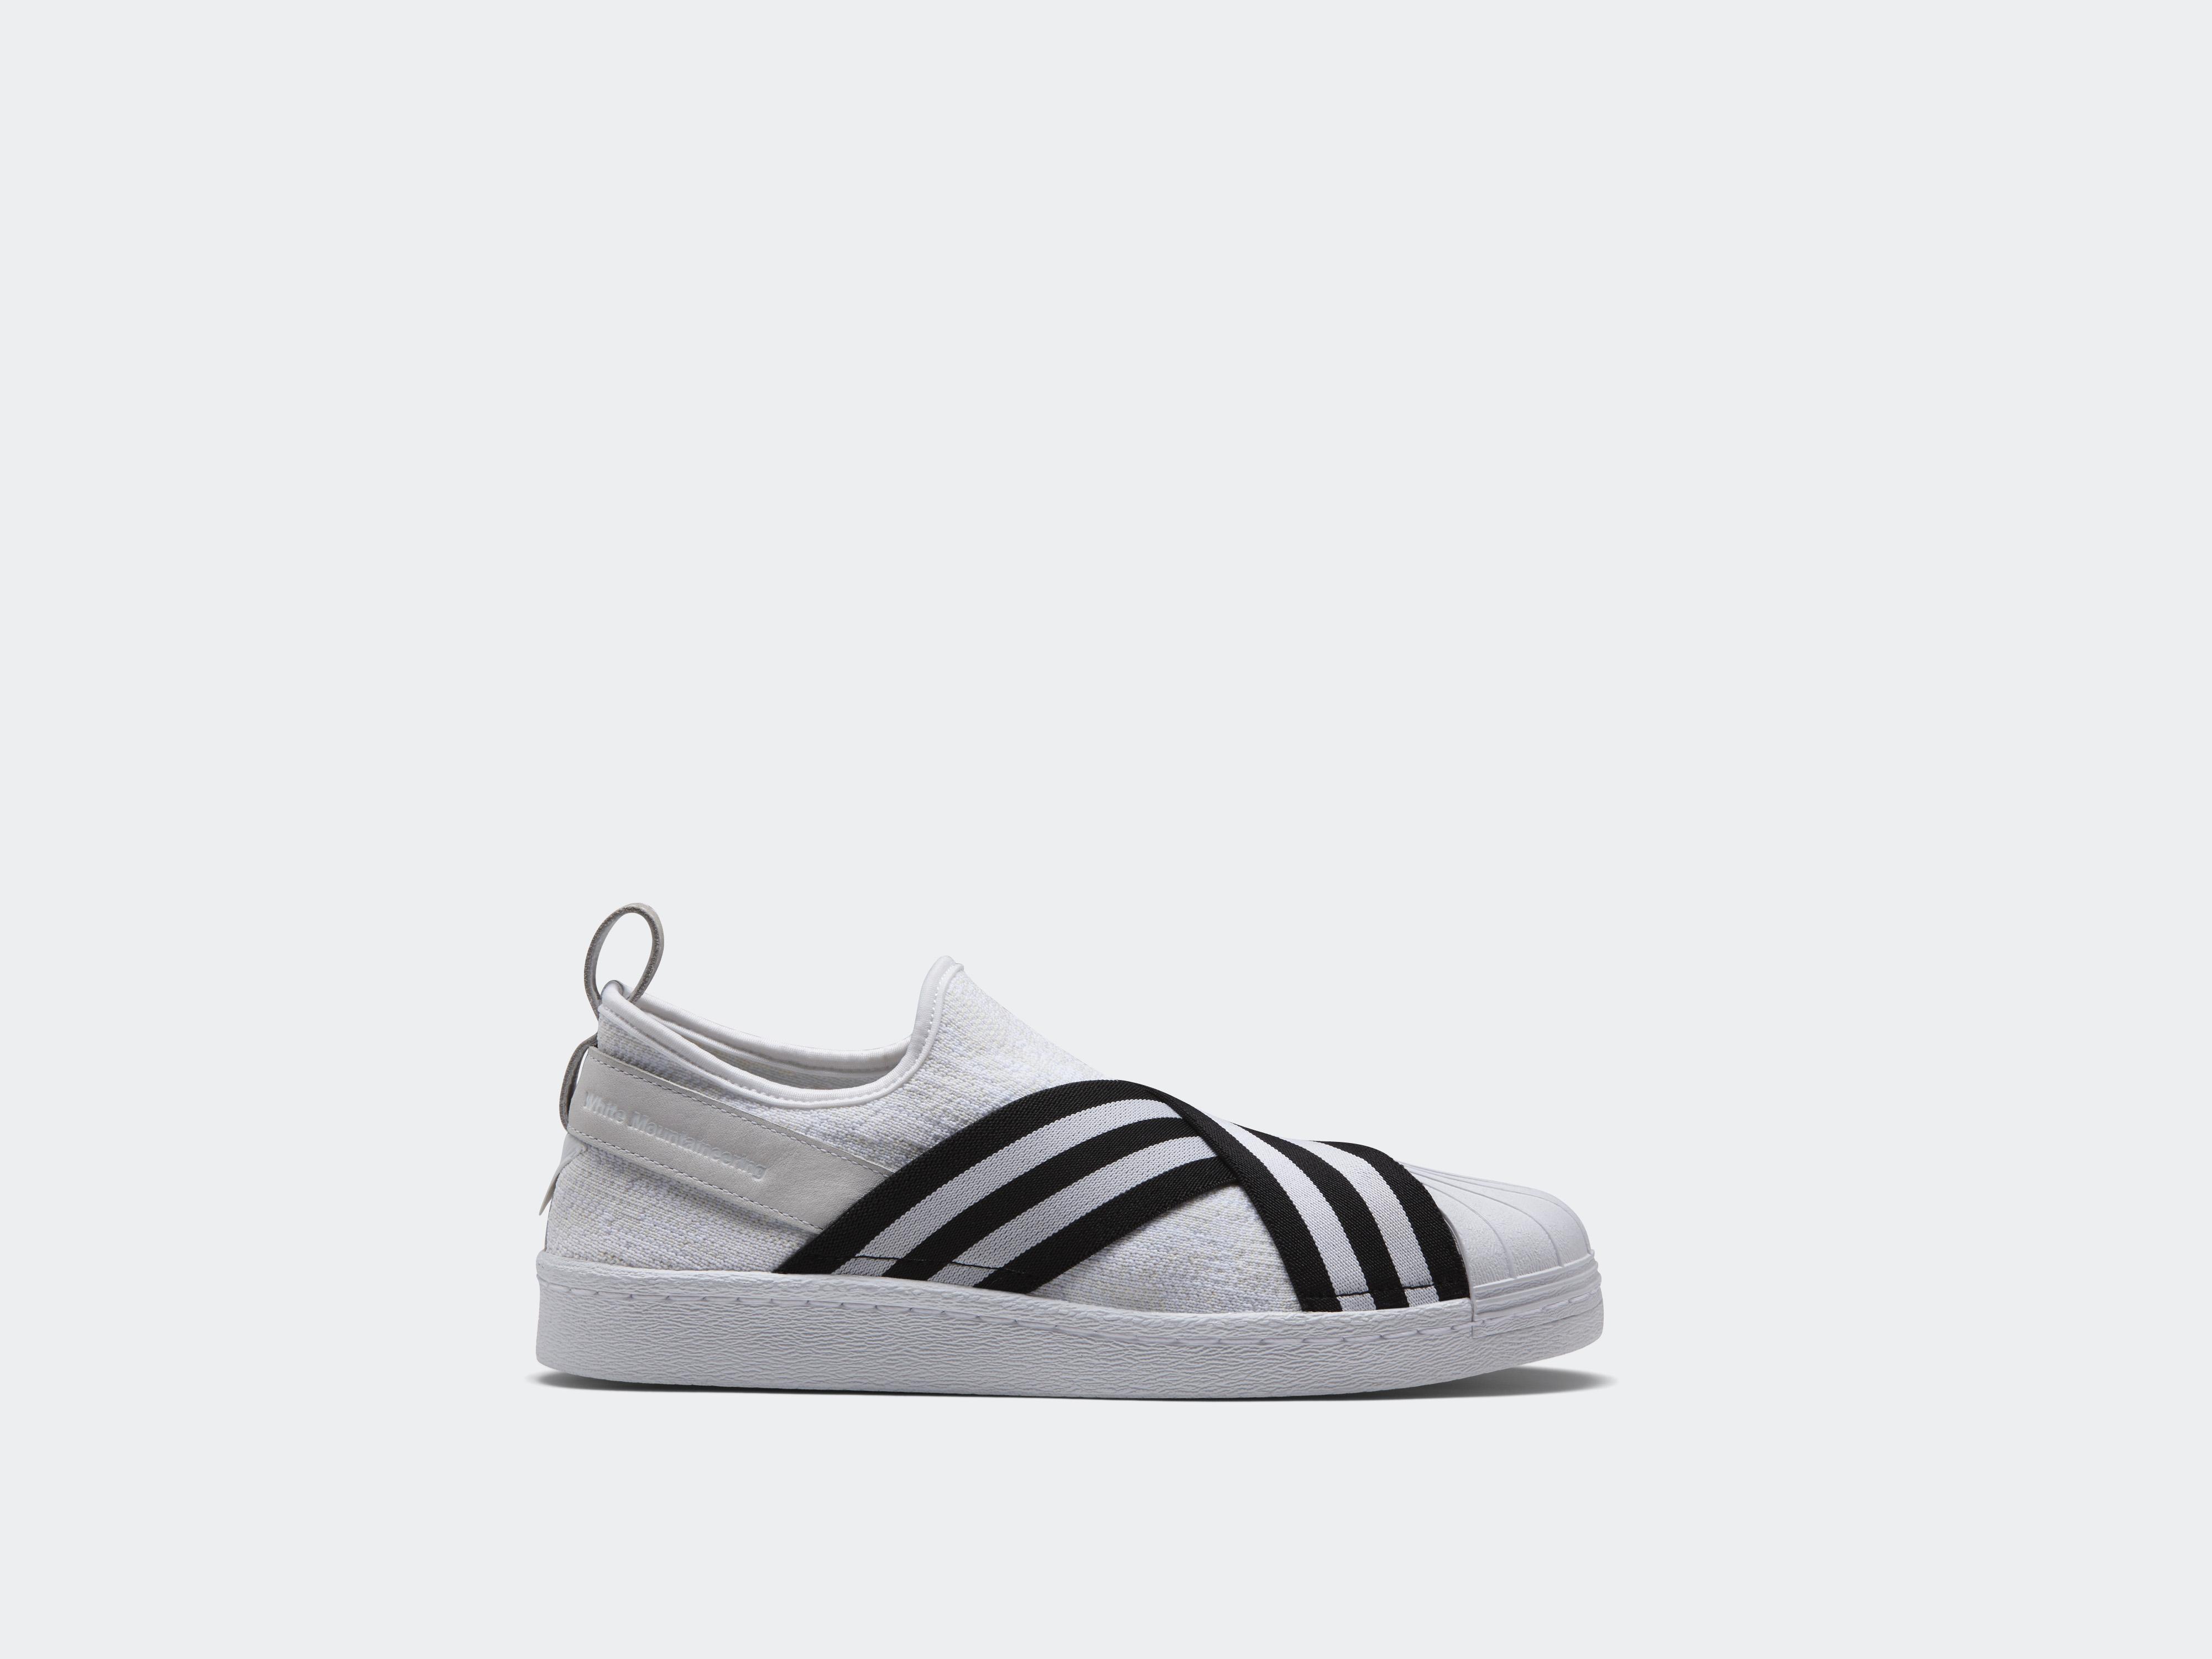 Cheap Adidas skateboarding Superstar Vulc ADV Schuhe Jungs